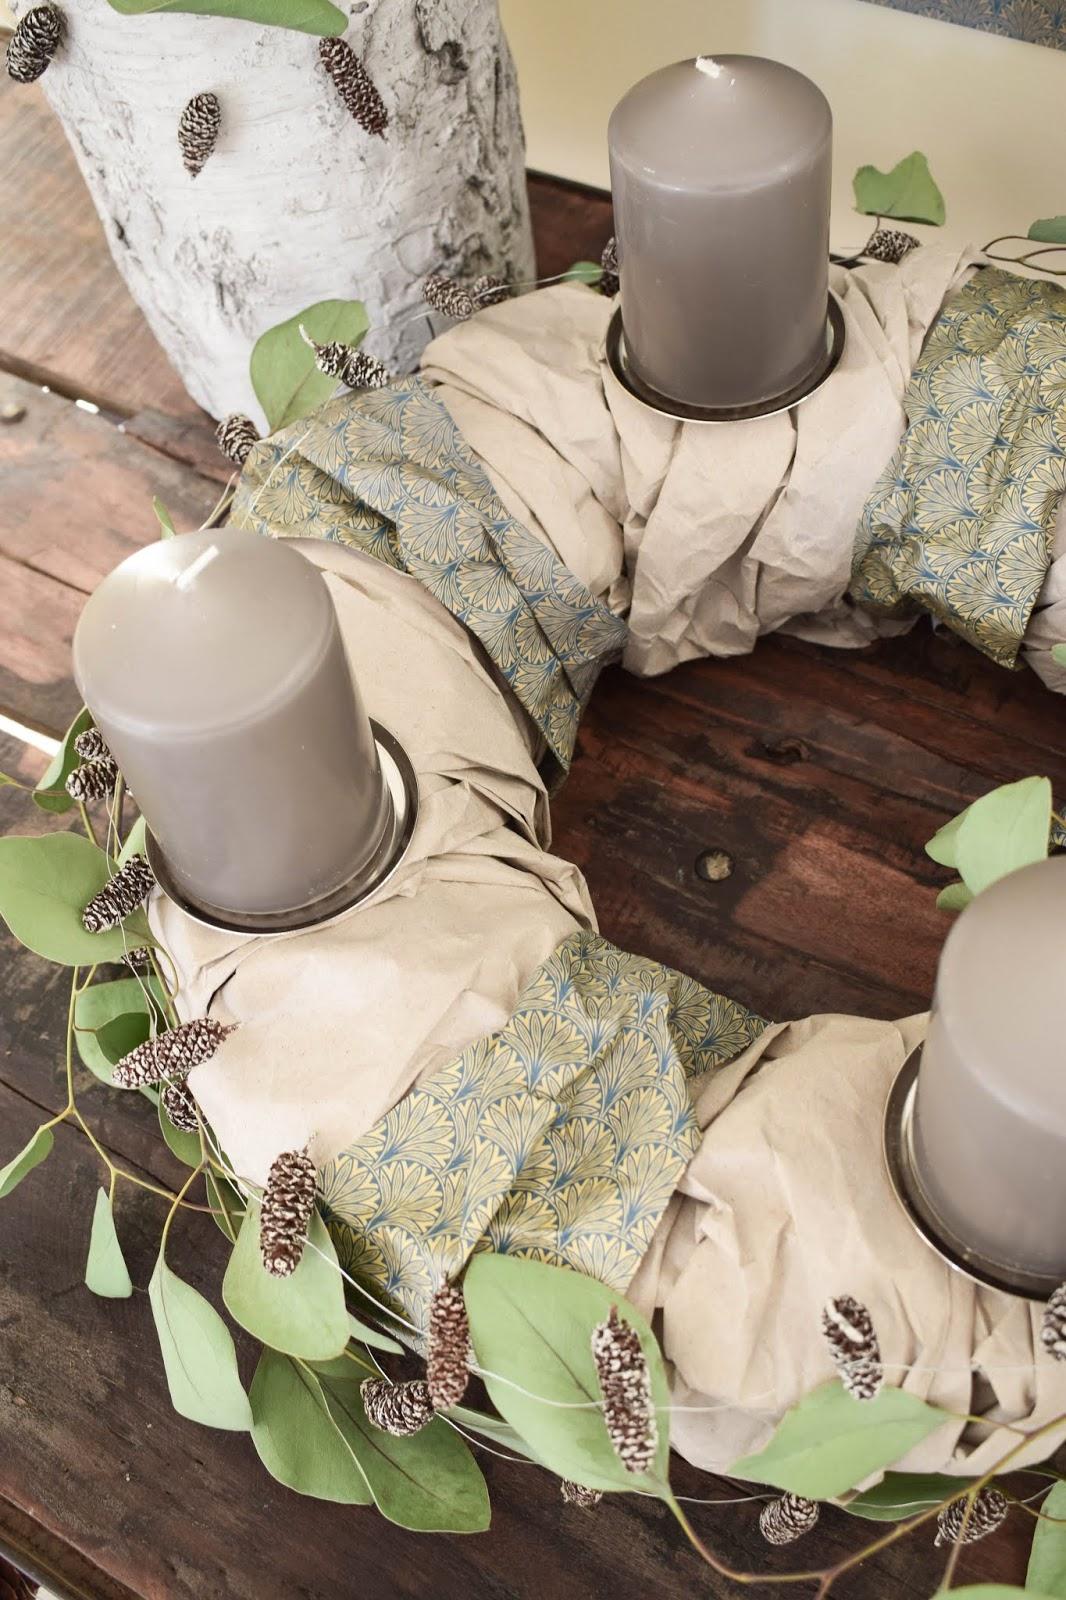 Adventskranz selber machen aus Papier DIY Ideen Papierkranz mit Papier von arsEdition und Eukalyptus Zapfen Dekoidee Kranz für Advent